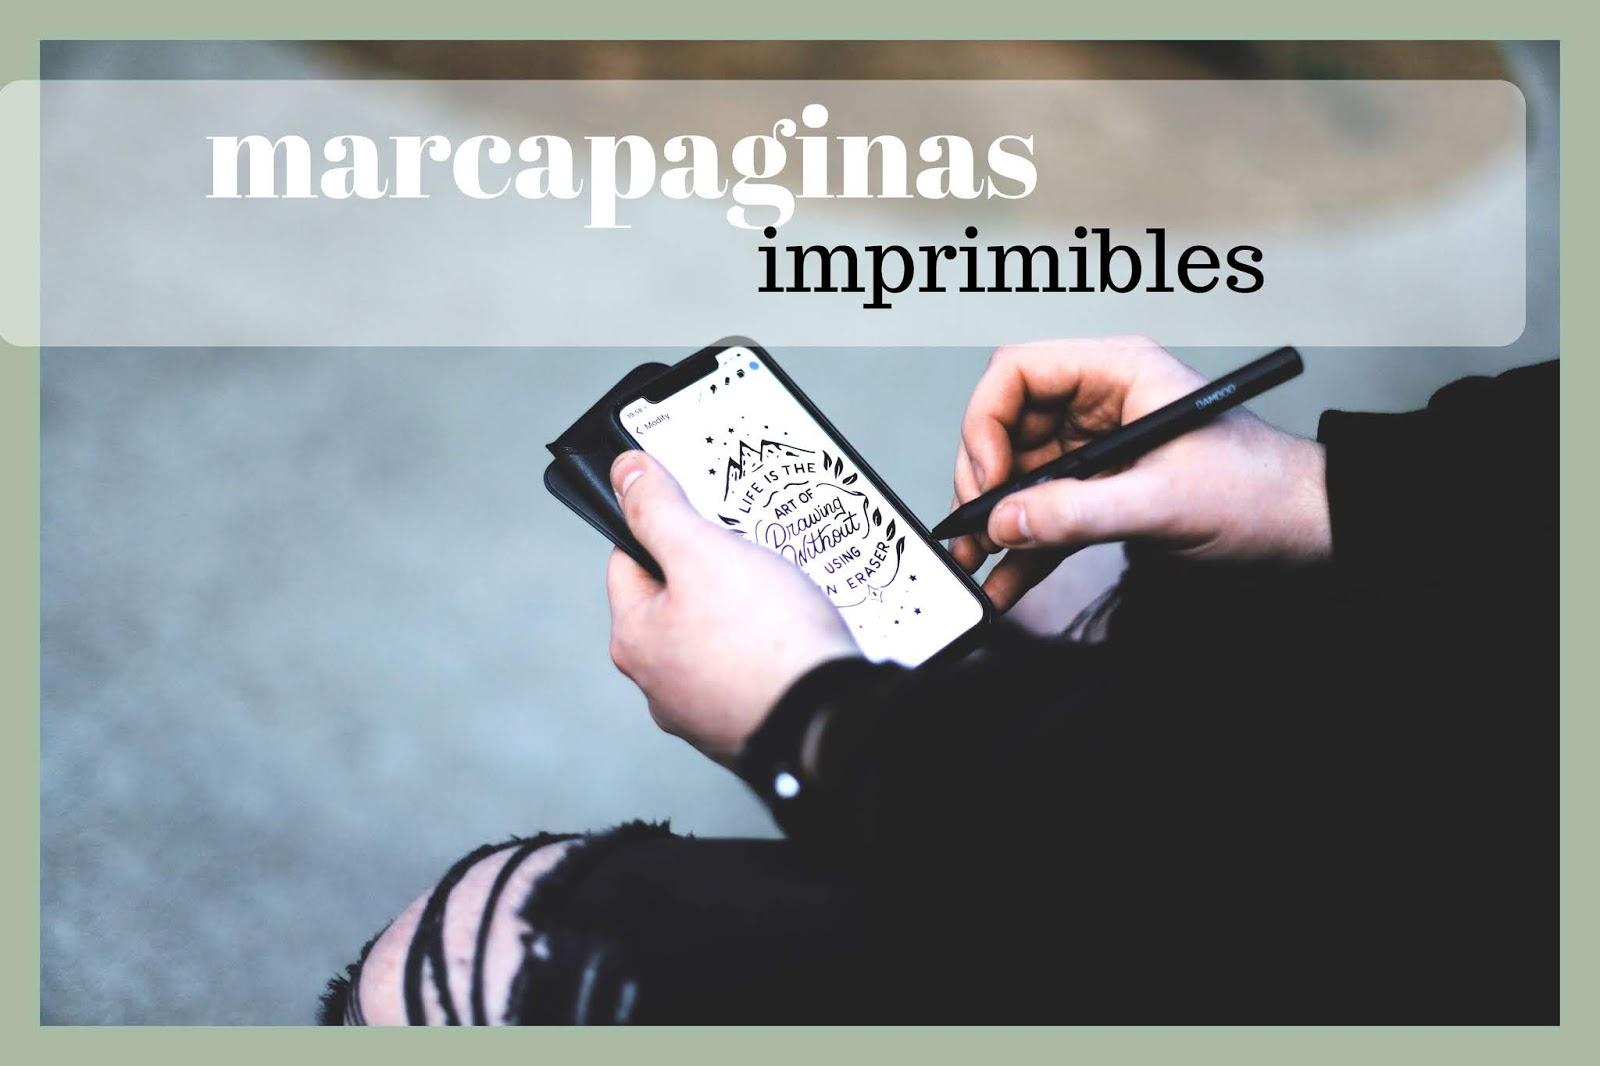 soymasromantica: libro de suspense y marcapaginas gratis